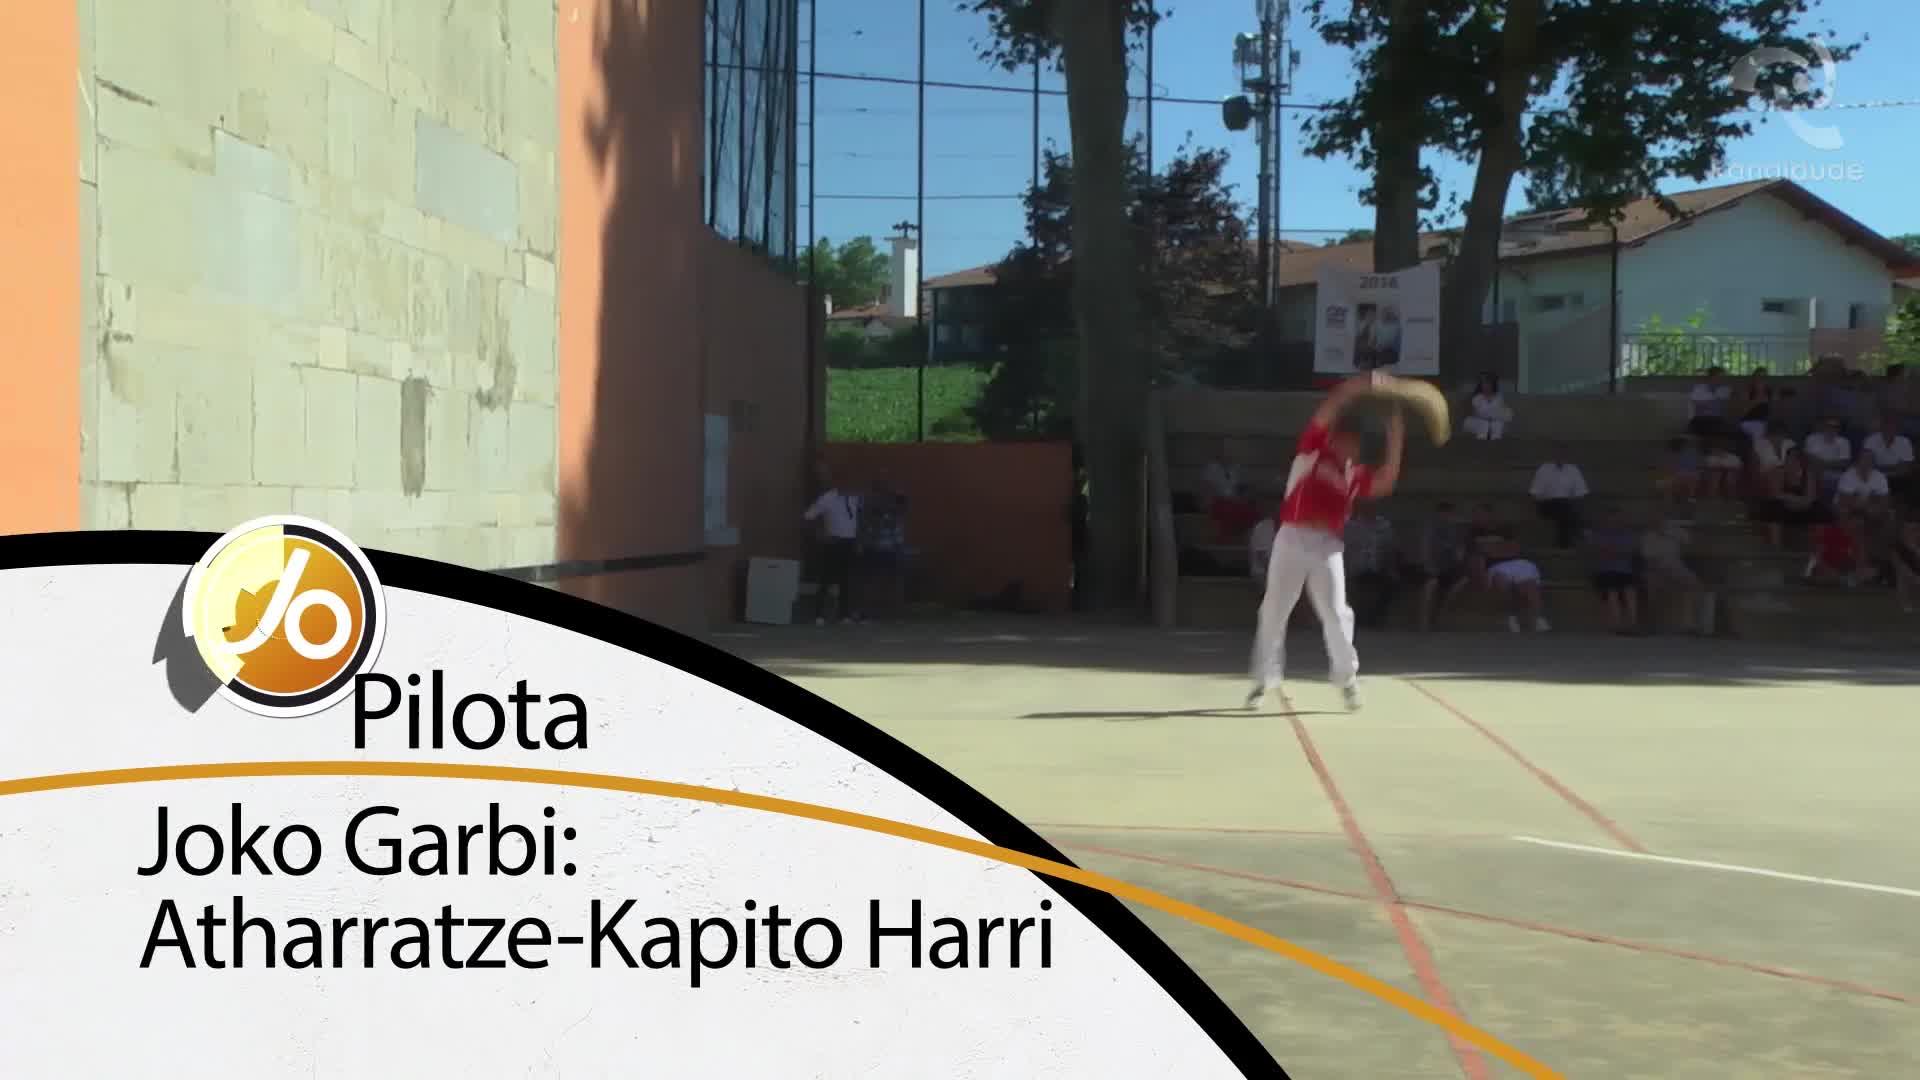 JO PILOTA: Joko Garbi Atharratze-Kapito Harri